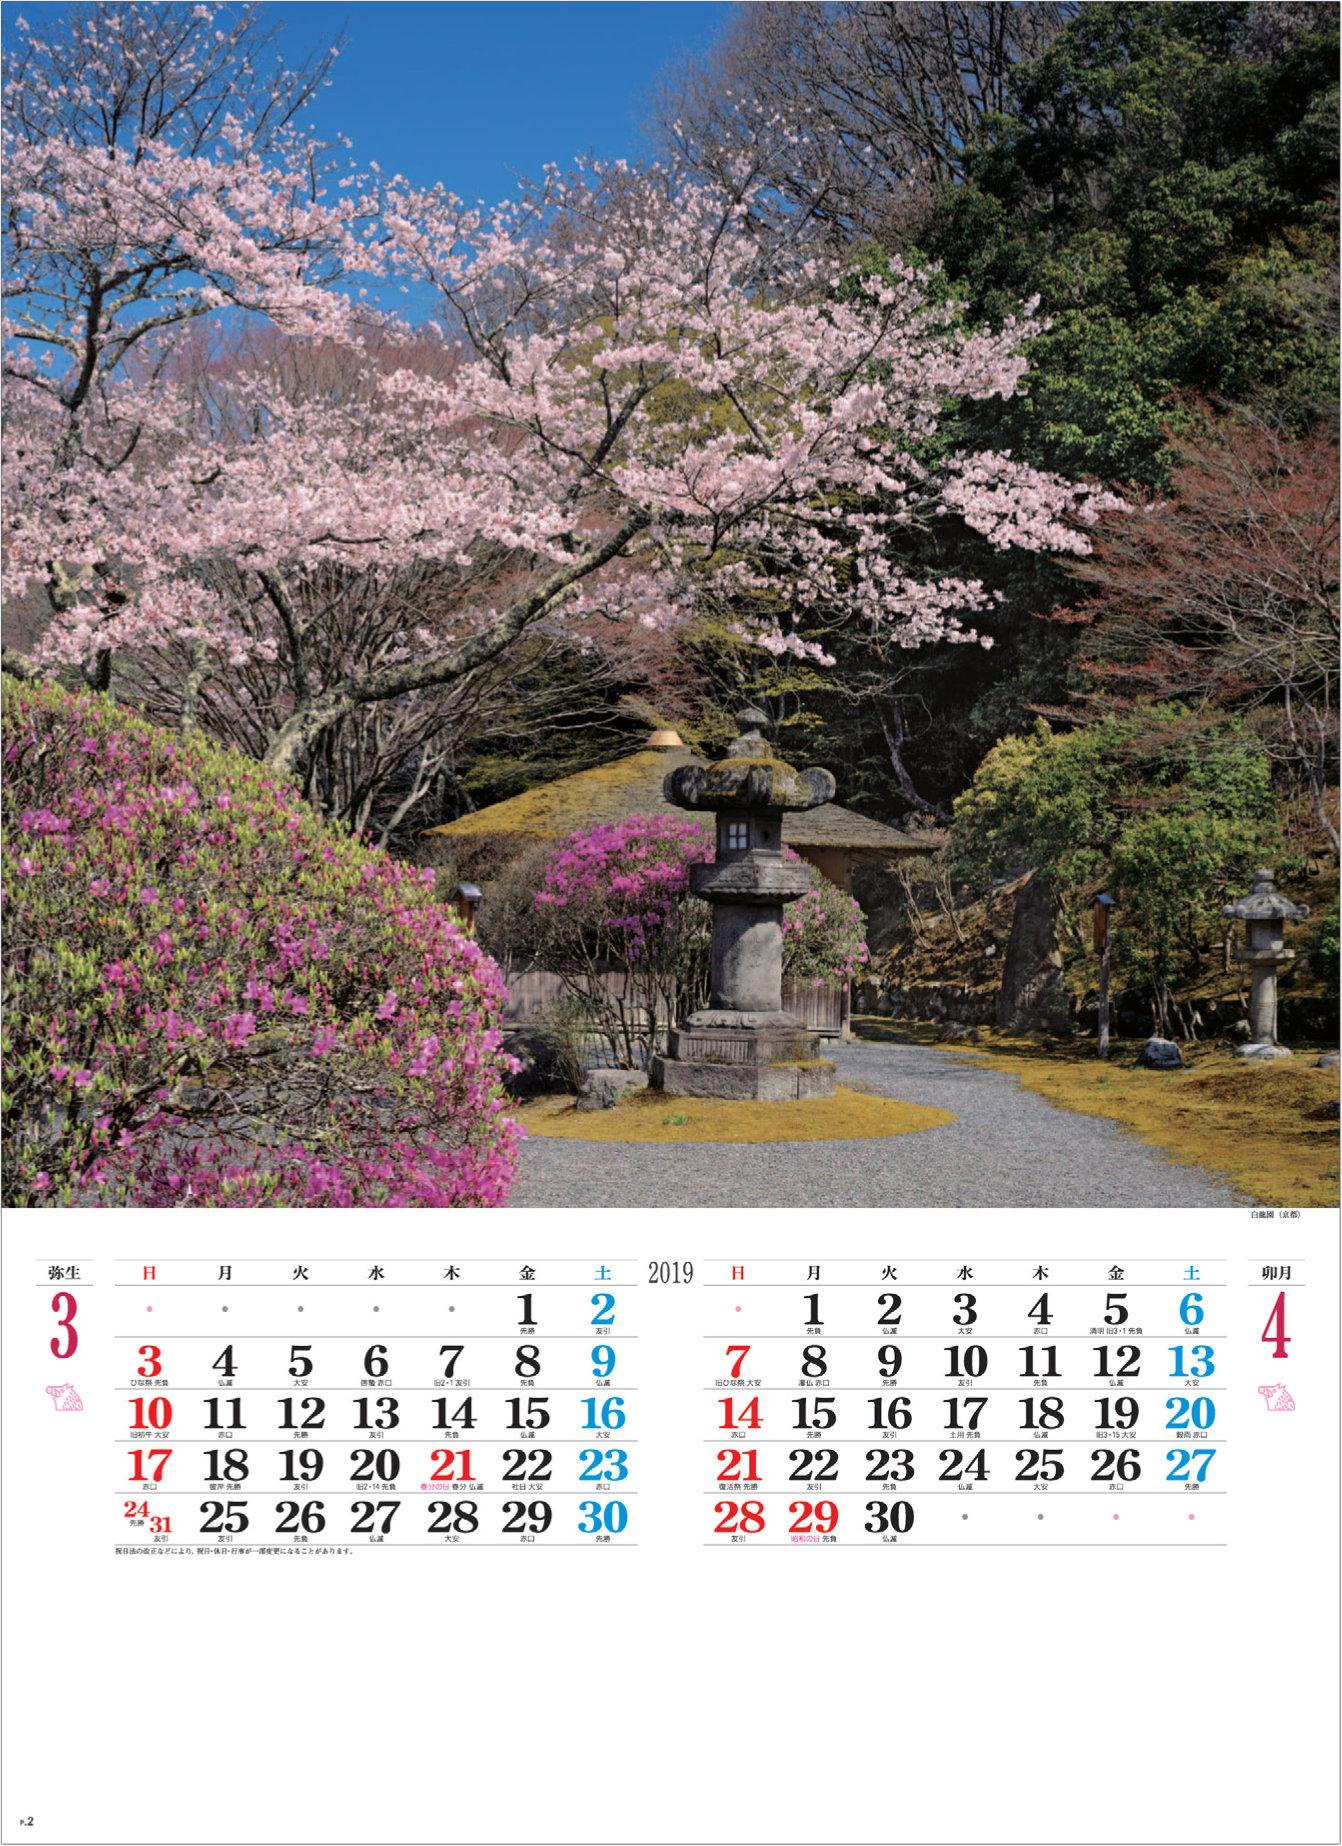 画像:京都の白龍園 石灯籠と桜 庭の心 2019年カレンダー